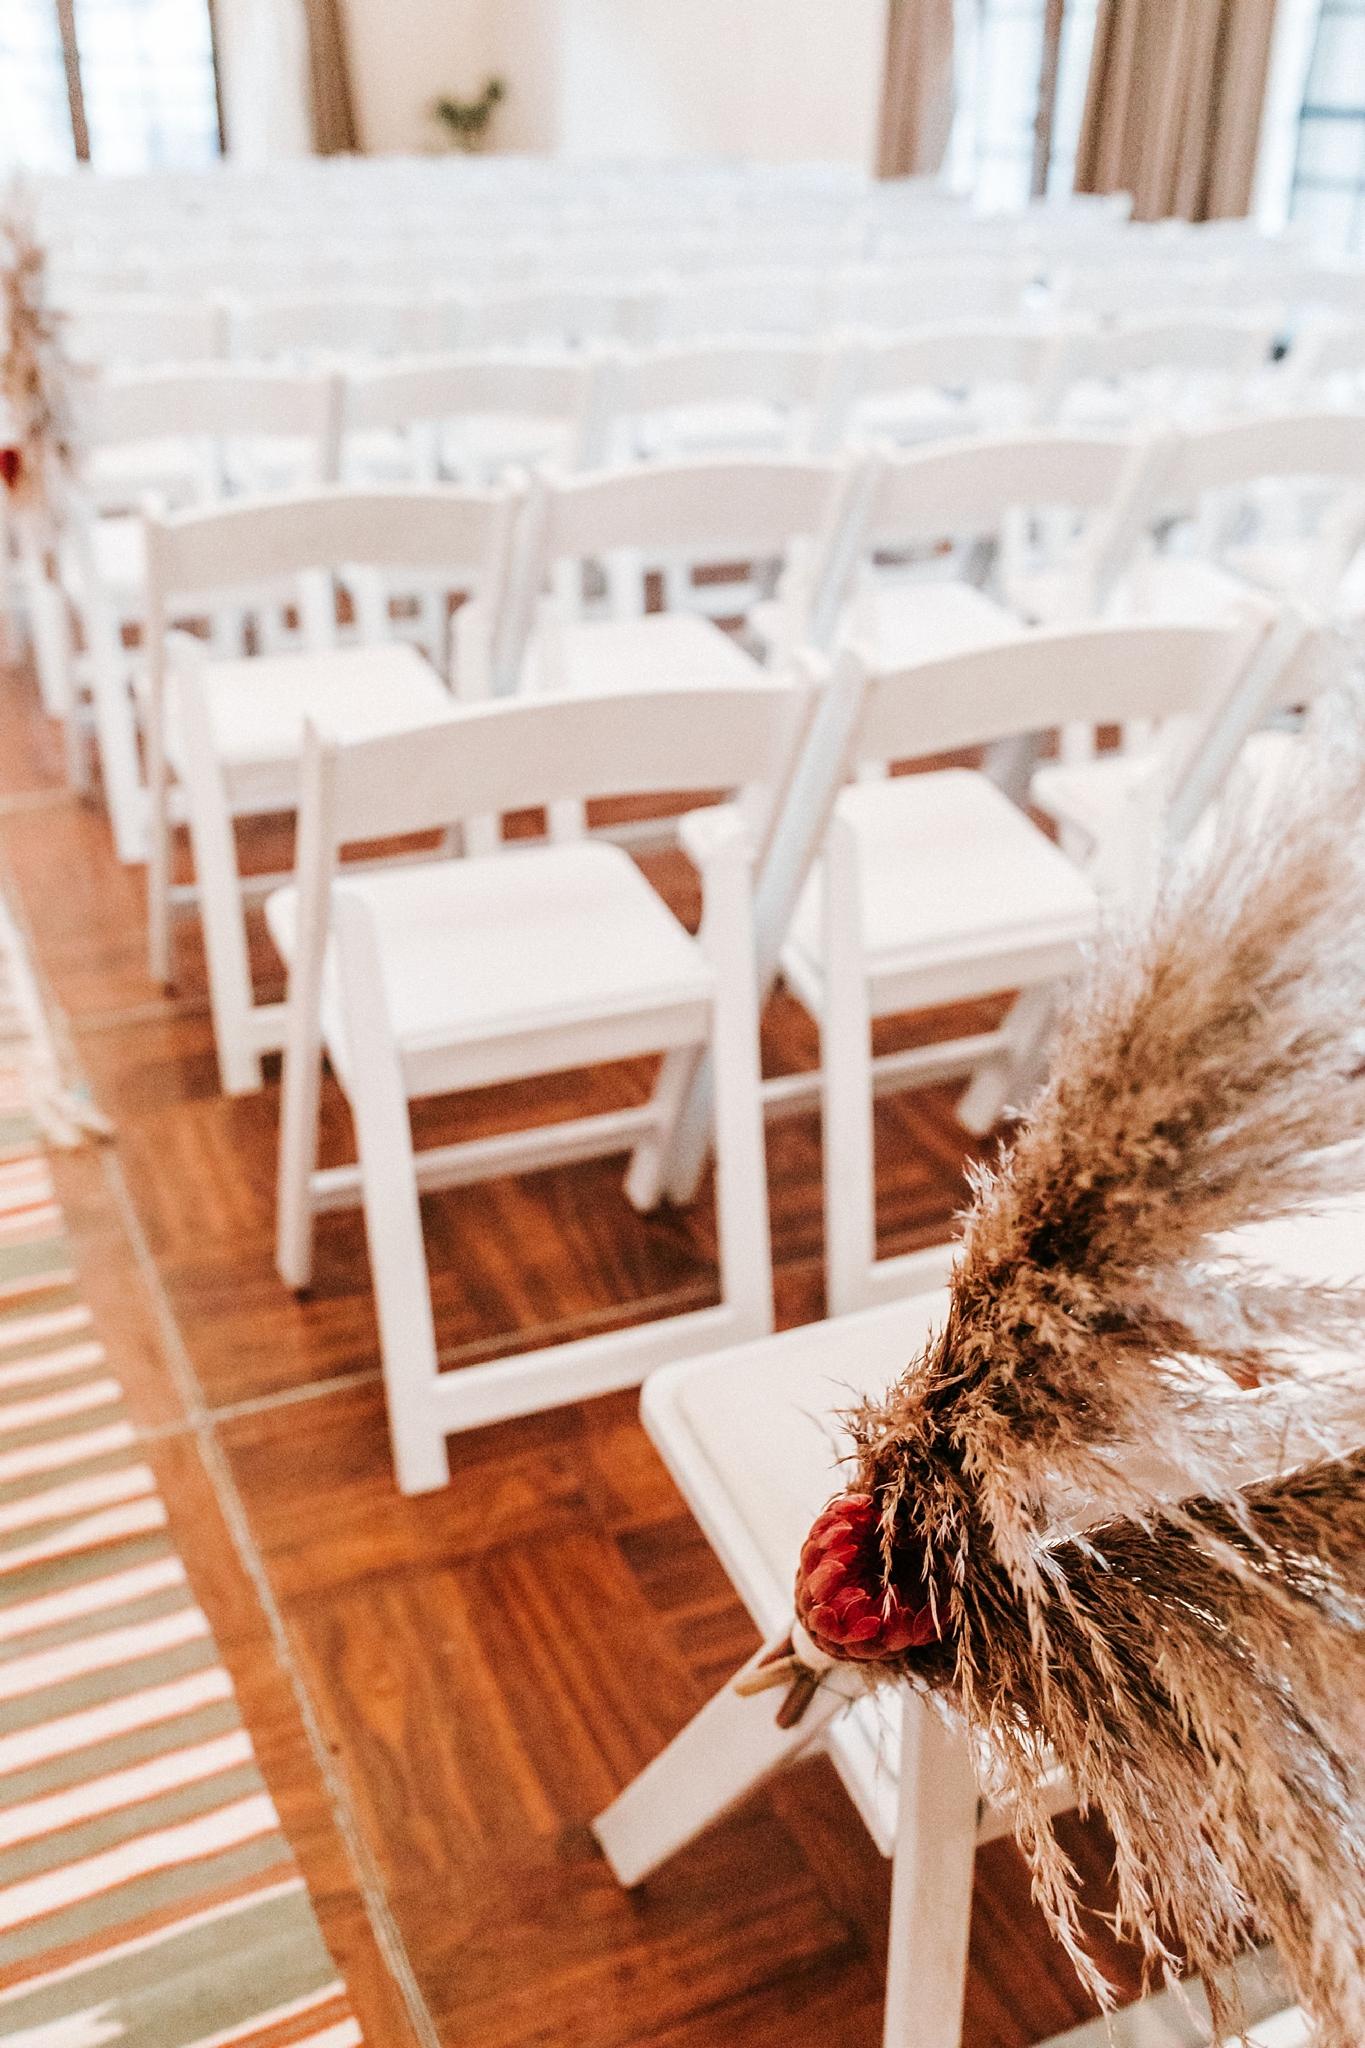 Alicia+lucia+photography+-+albuquerque+wedding+photographer+-+santa+fe+wedding+photography+-+new+mexico+wedding+photographer+-+new+mexico+wedding+-+new+mexico+wedding+-+wedding+florals+-+desert+wedding+-+wedding+trends_0006.jpg